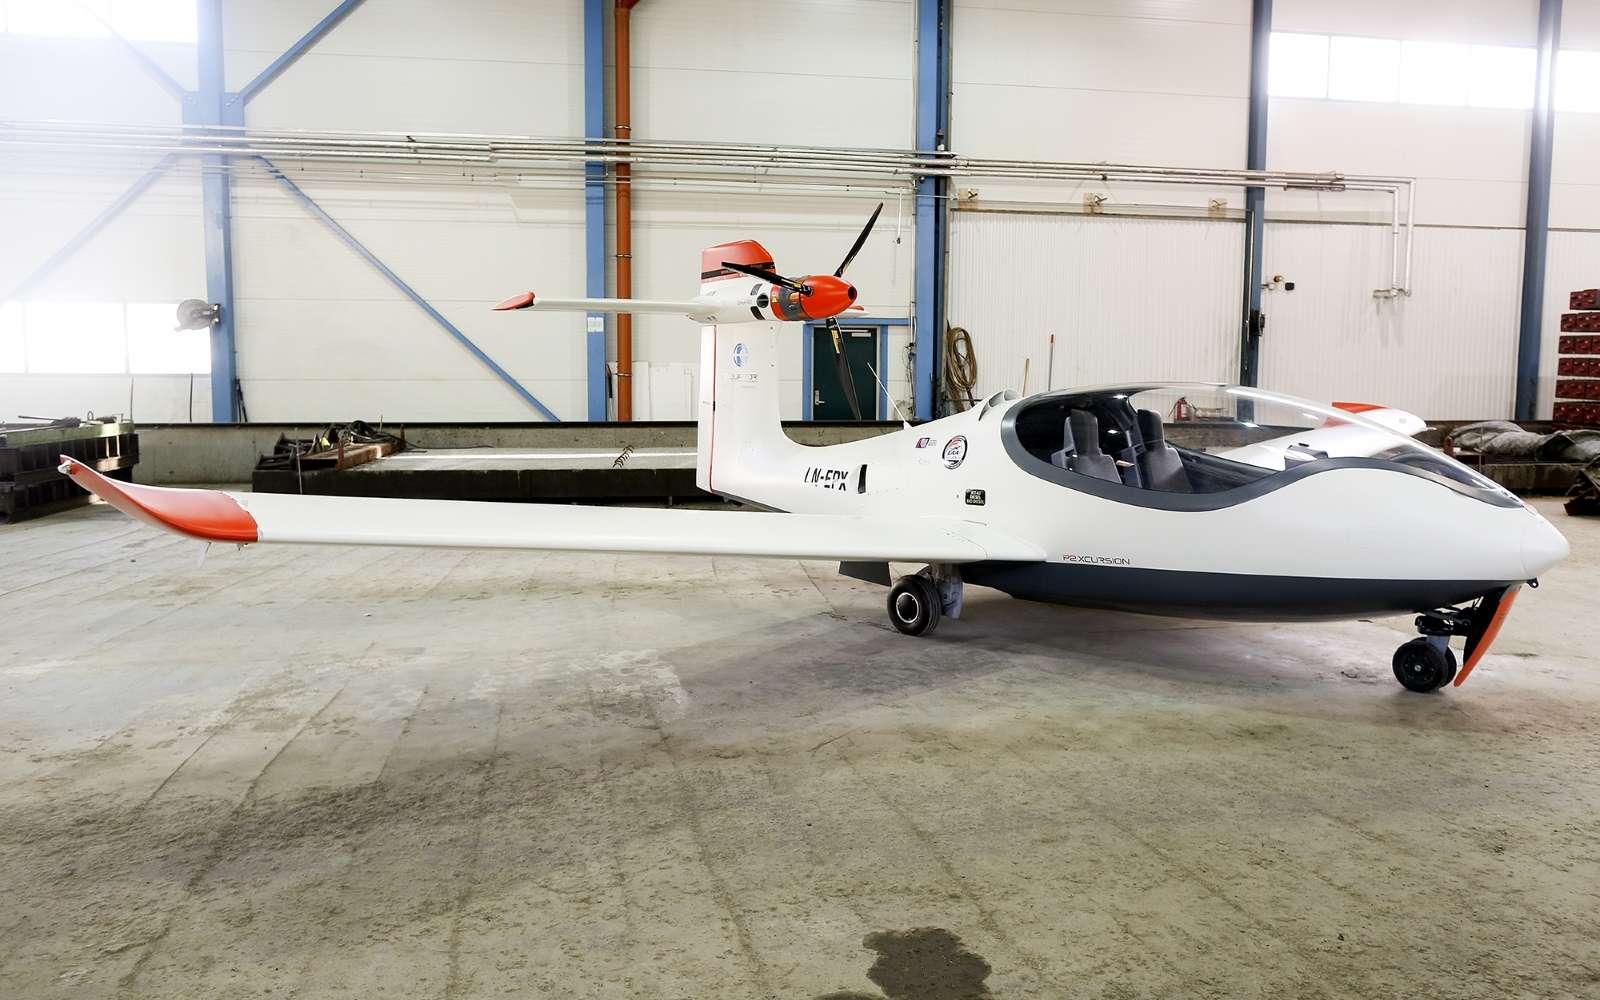 Le P2 peut voler à une vitesse de croisière de 220 km/h avec une masse maximale de 750 kg. Son autonomie sur ses seules batteries plafonne pour le moment à 35 minutes. © Equator Aircraft